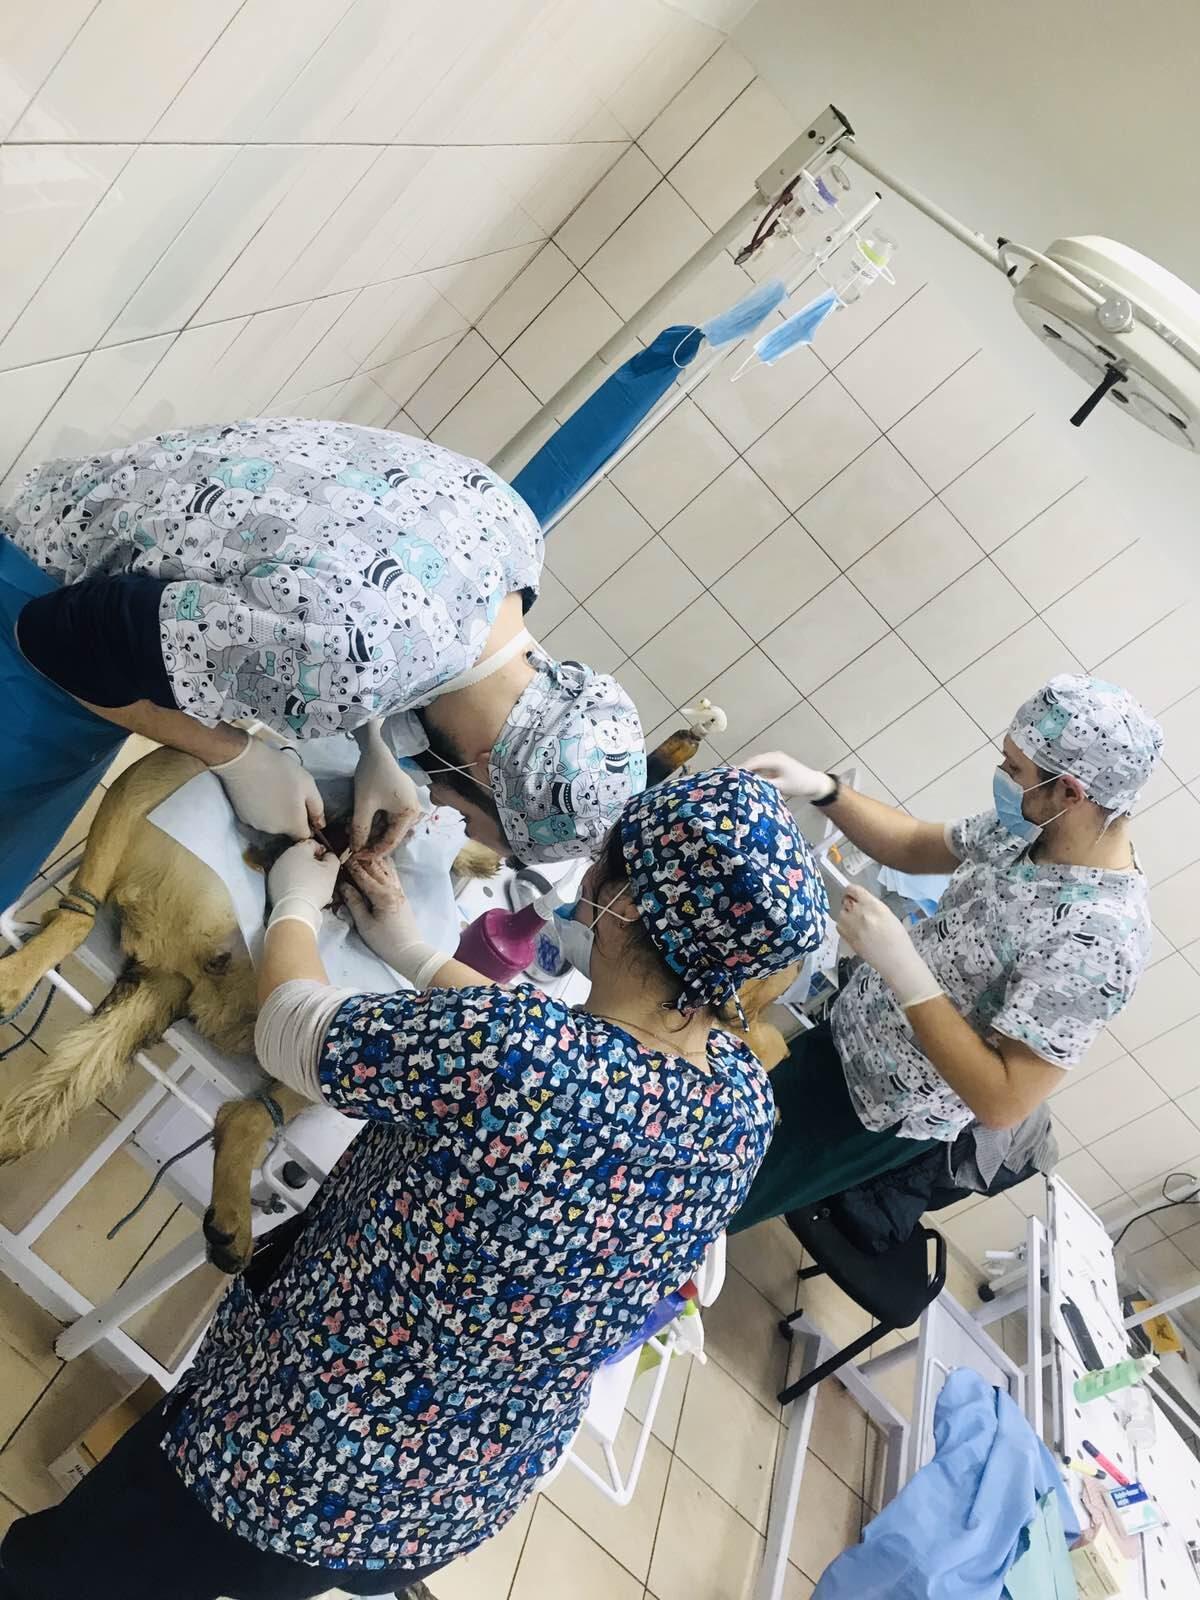 23 лютого – Міжнародний день стерилізації тварин